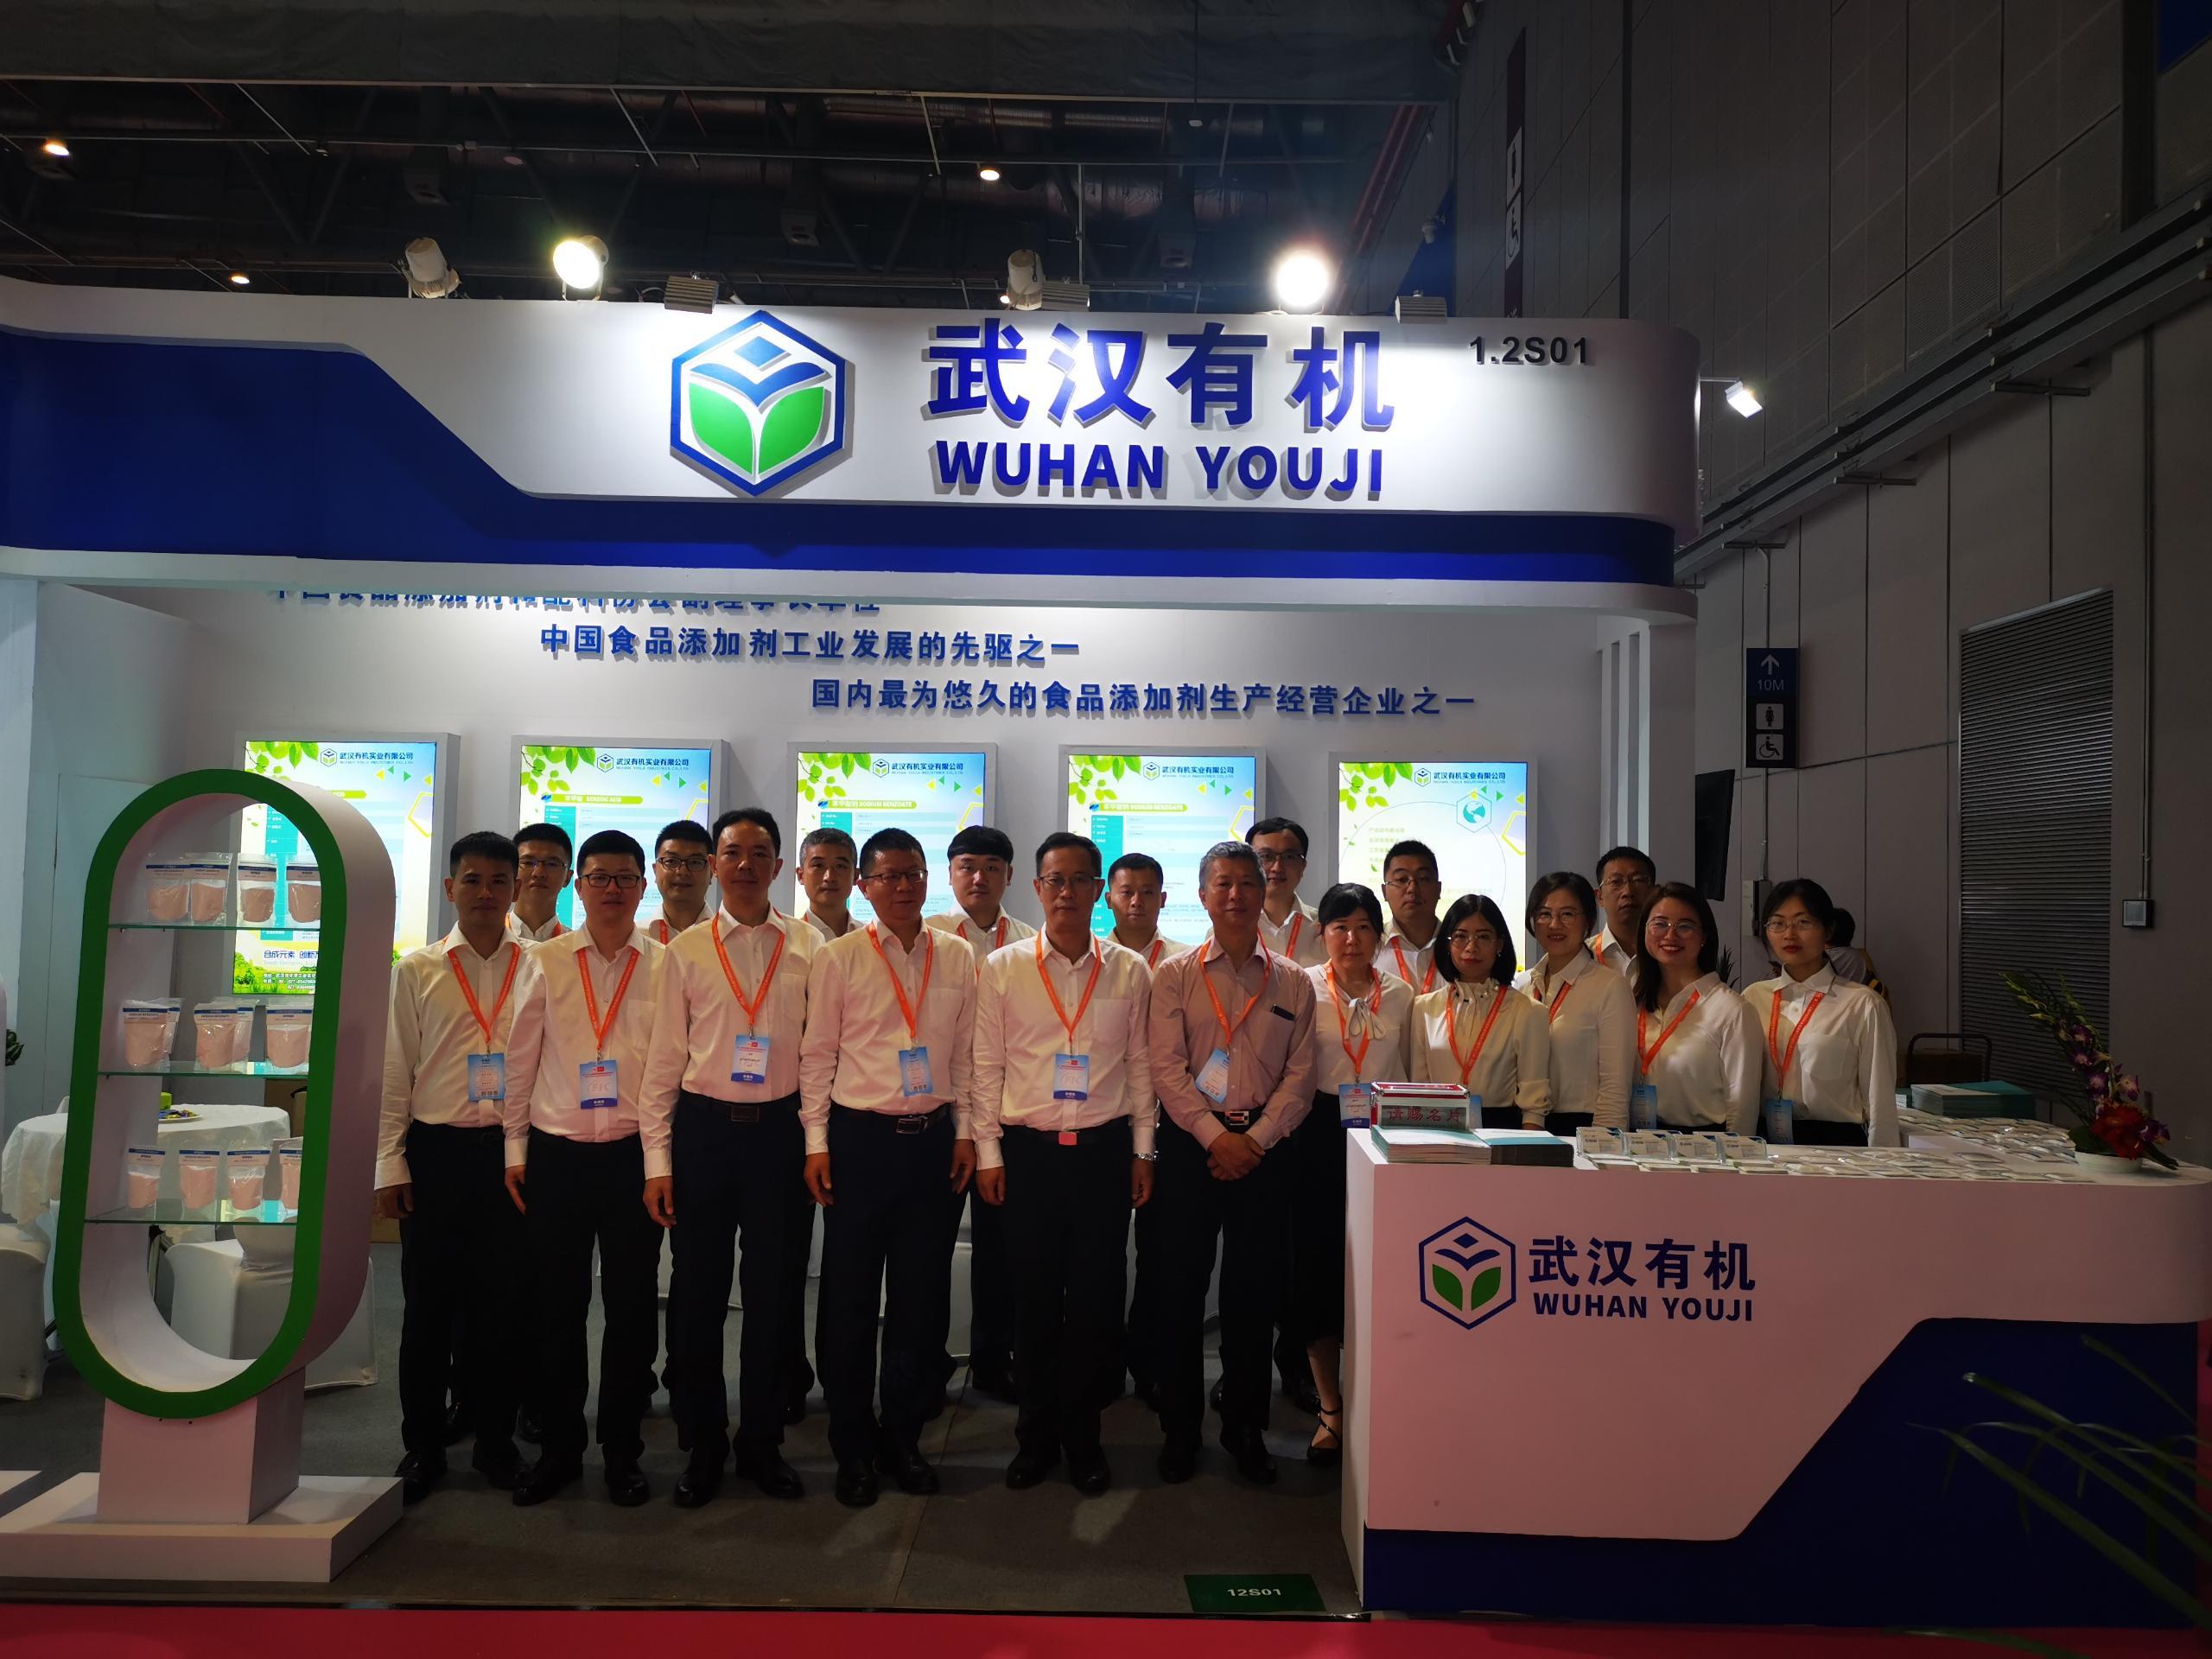 戒赌好难啊有机荣誉参加上海FIC2021展会